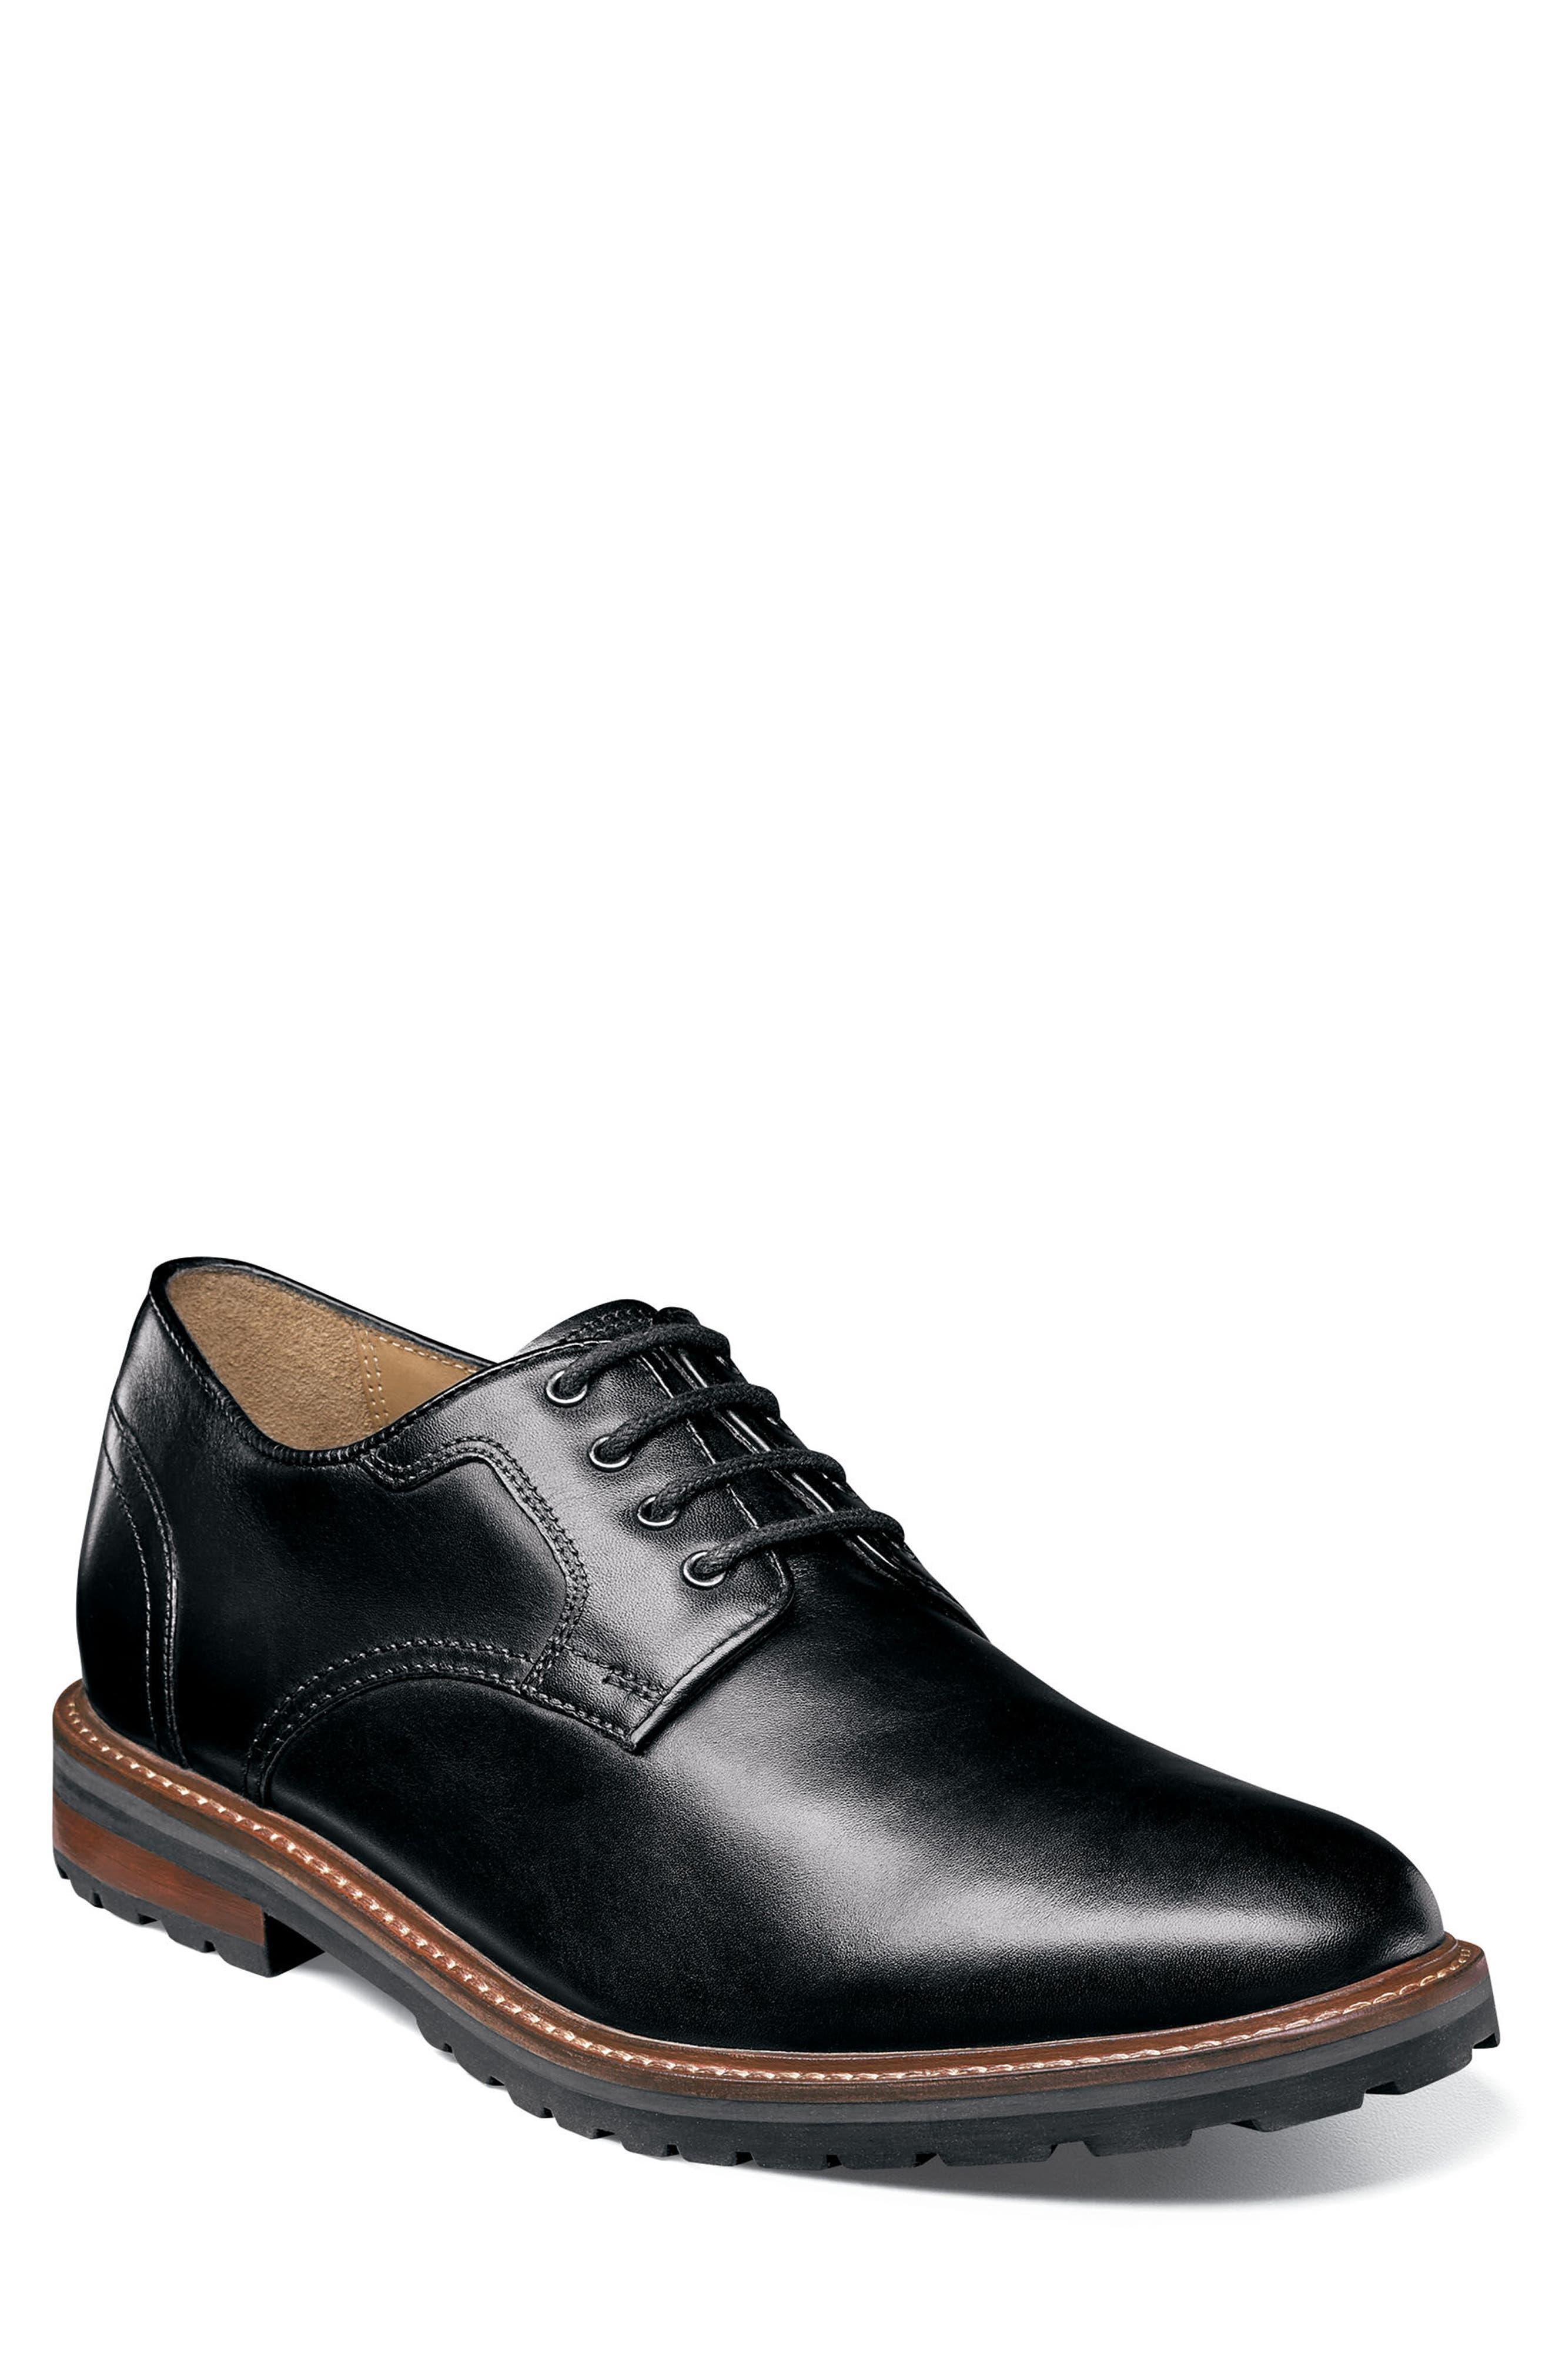 Estabrook Plain Toe Derby,                             Main thumbnail 1, color,                             Black